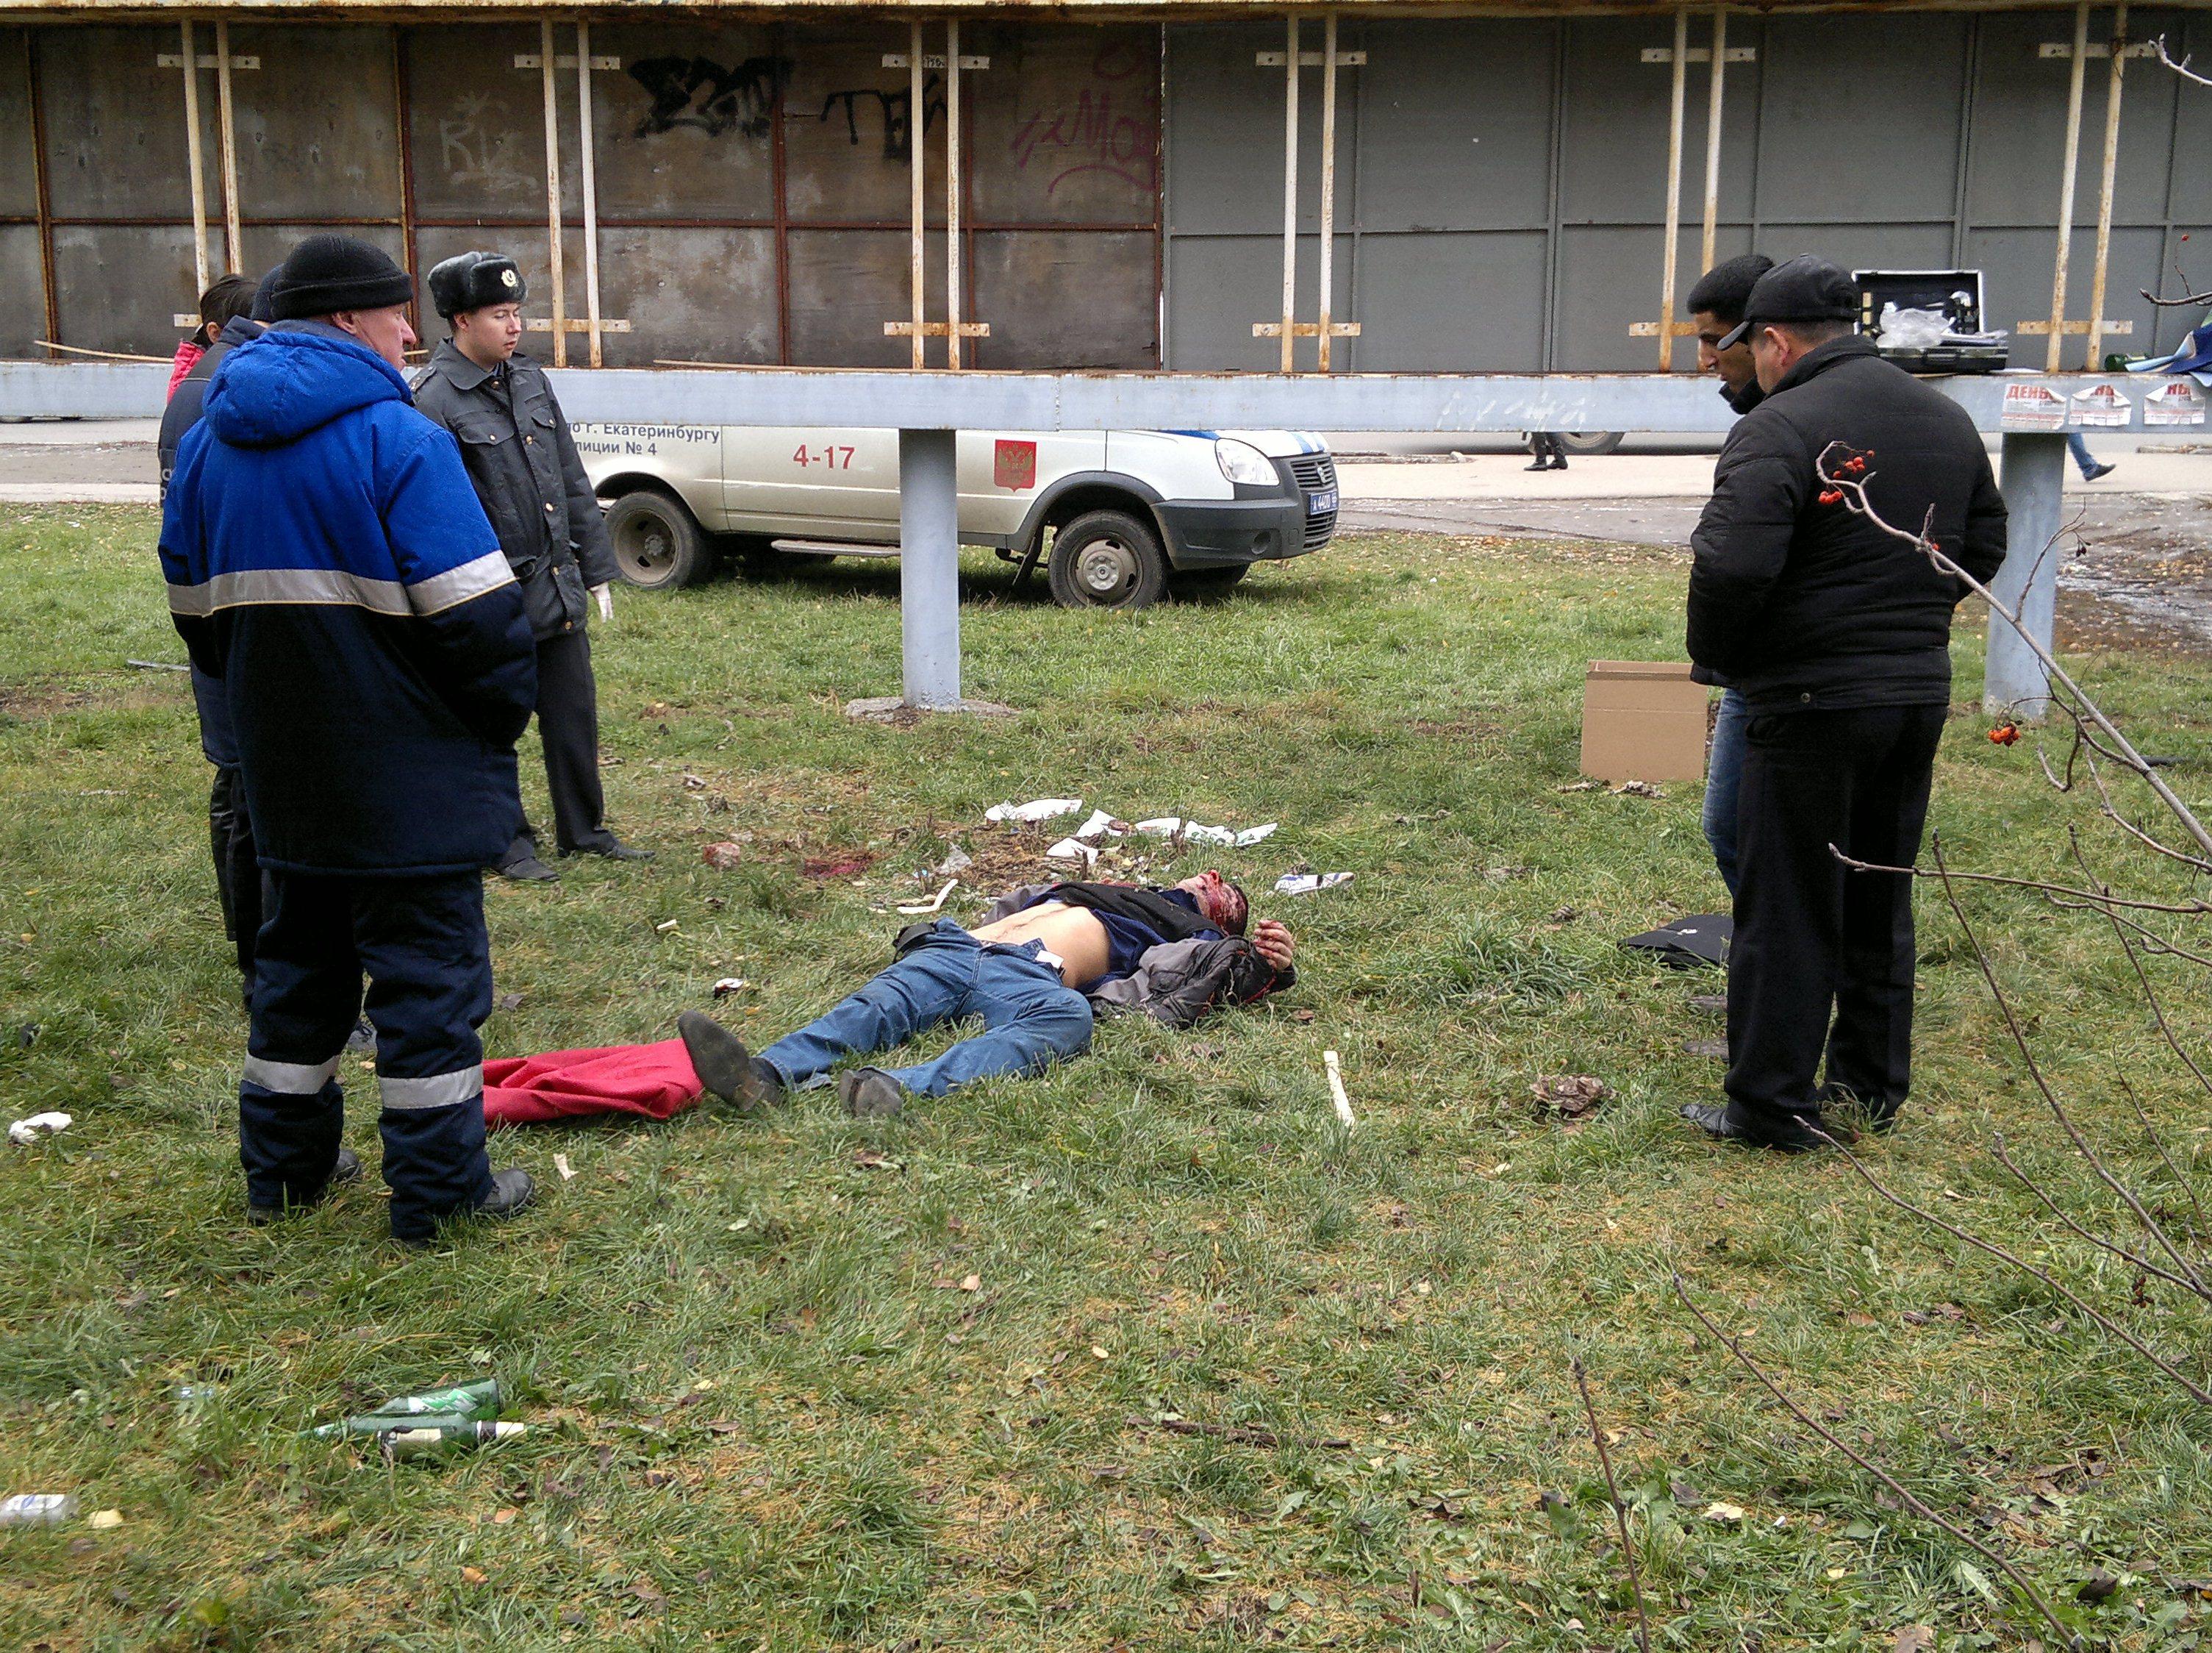 В Юго-Западном районе нашли до смерти забитого кавказца